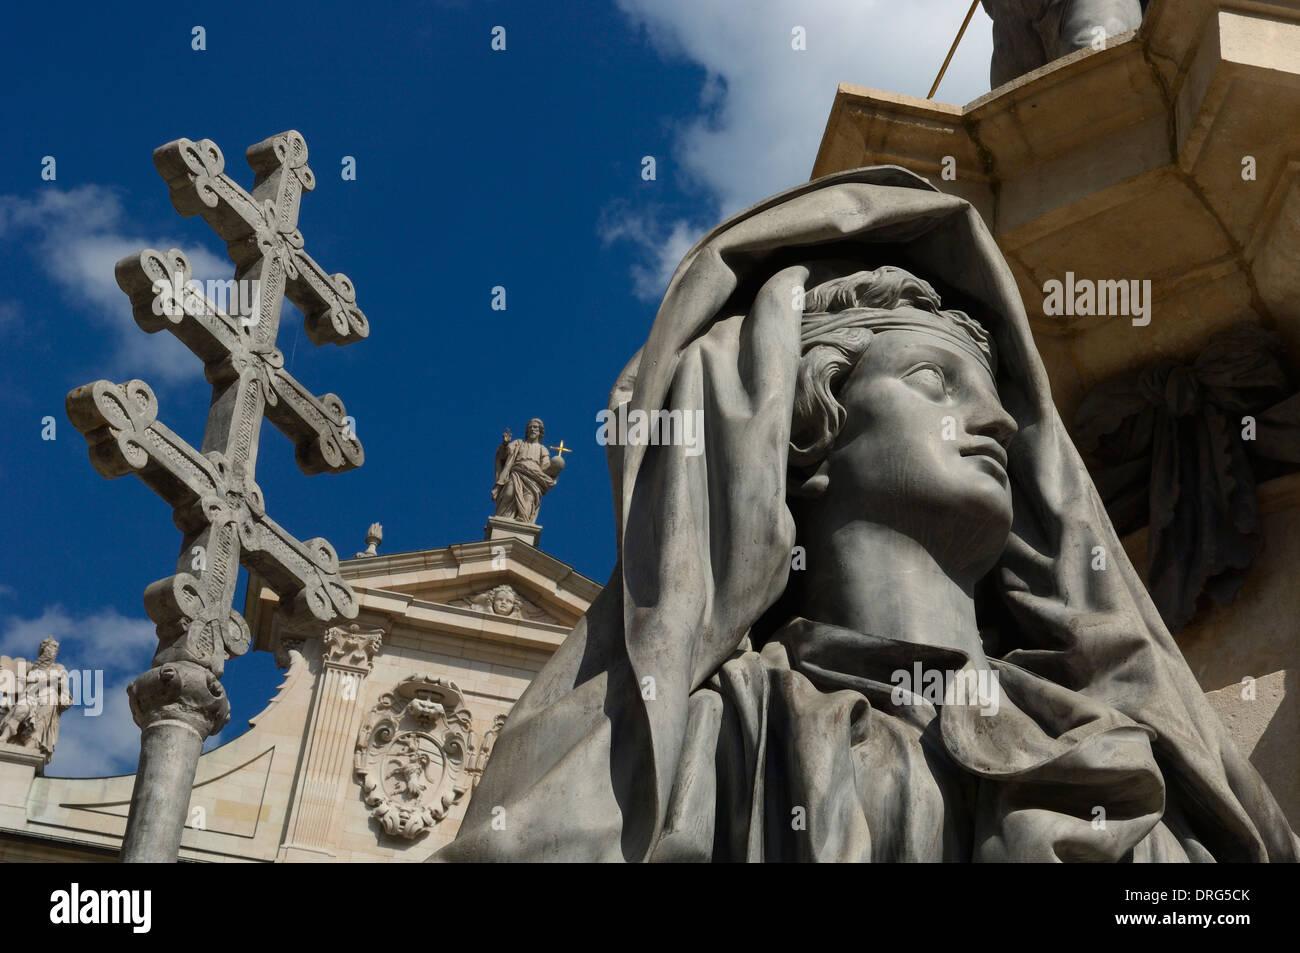 Allegorische Gestalt der Kirche, Teil der Mariensäule am Domplatz, Salzbuger Dom, Salzburg, Österreich Stockbild